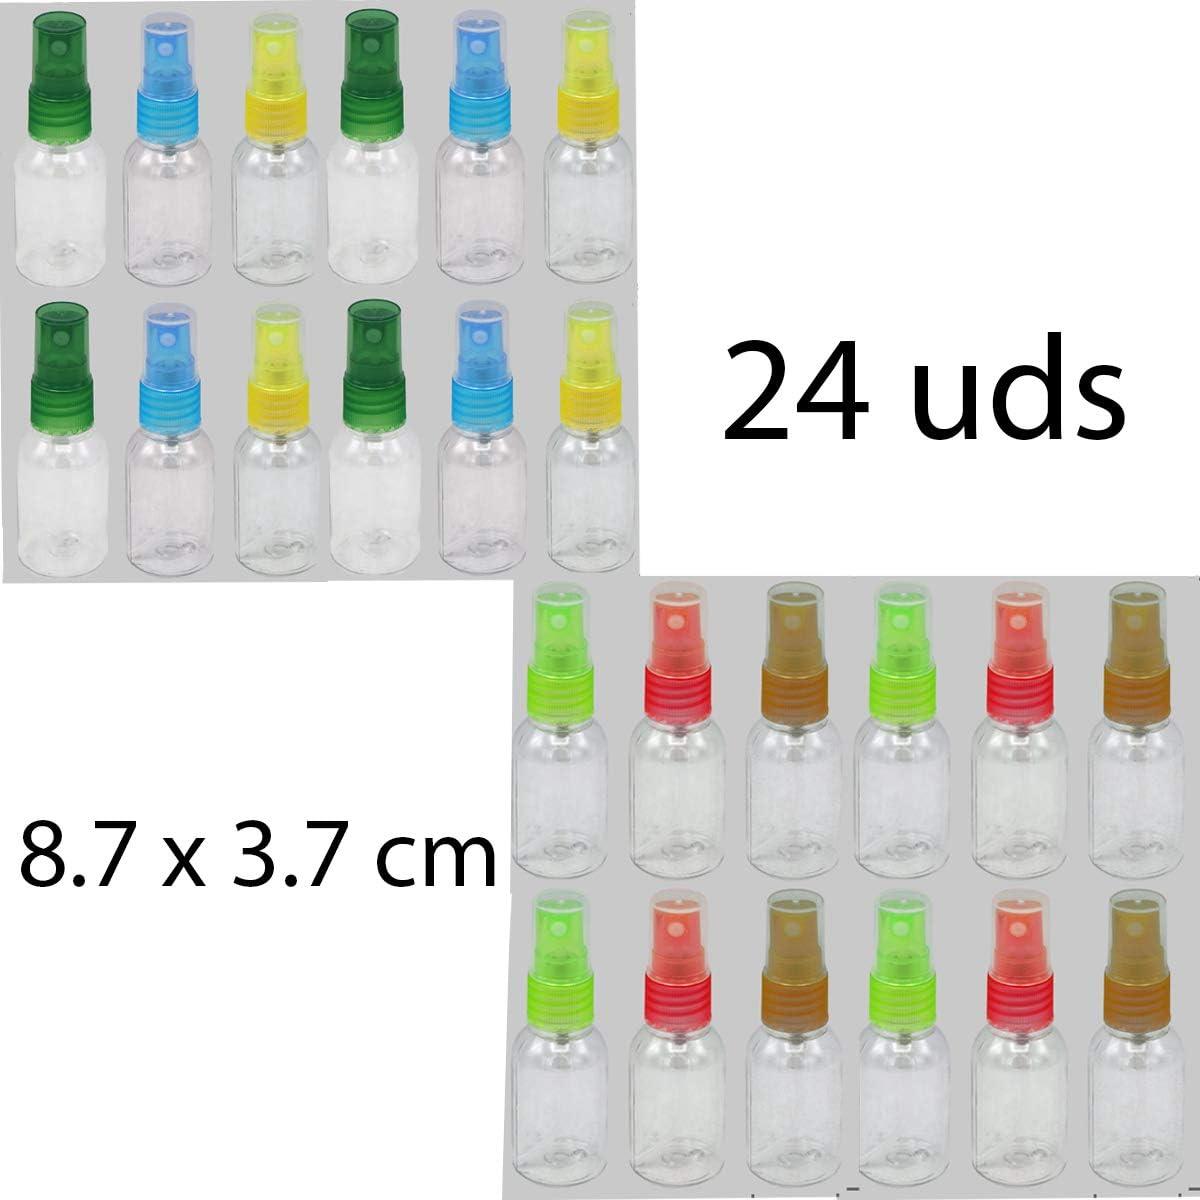 ALLPER Botella Spray vacia de 30 ML Aprox, 24 Botes, Diversidad DE Colores,serán elegidos al Azar. Pulverizador para rociar Agua o líquidos,Maquillaje etc.